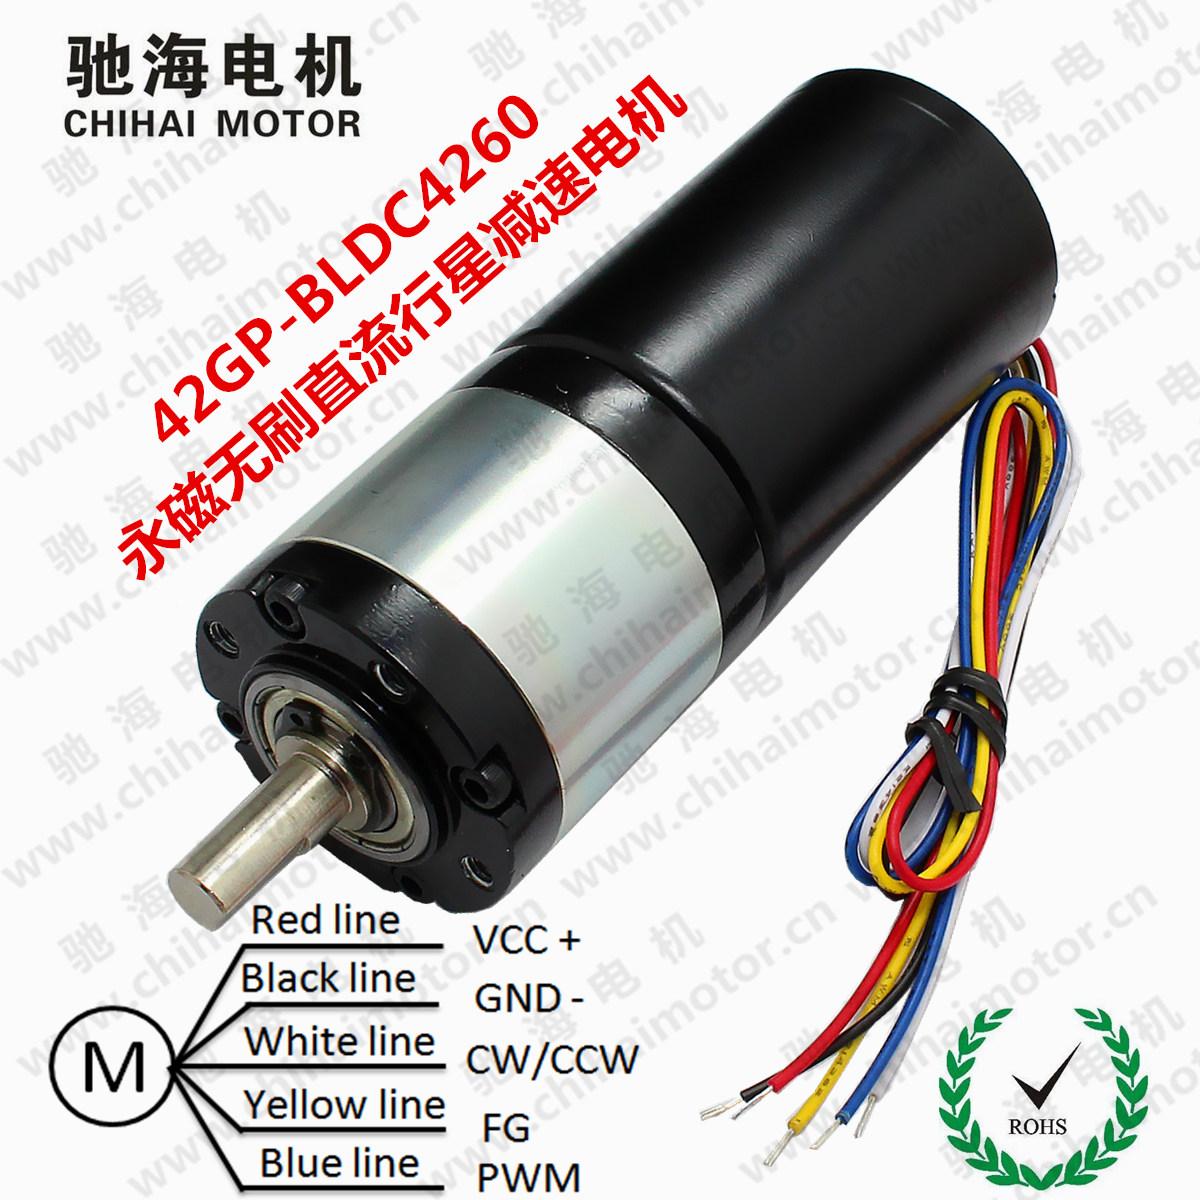 厂家直销 直径42mm42GP-BL4260永磁无刷直流行星减速电机12V24V